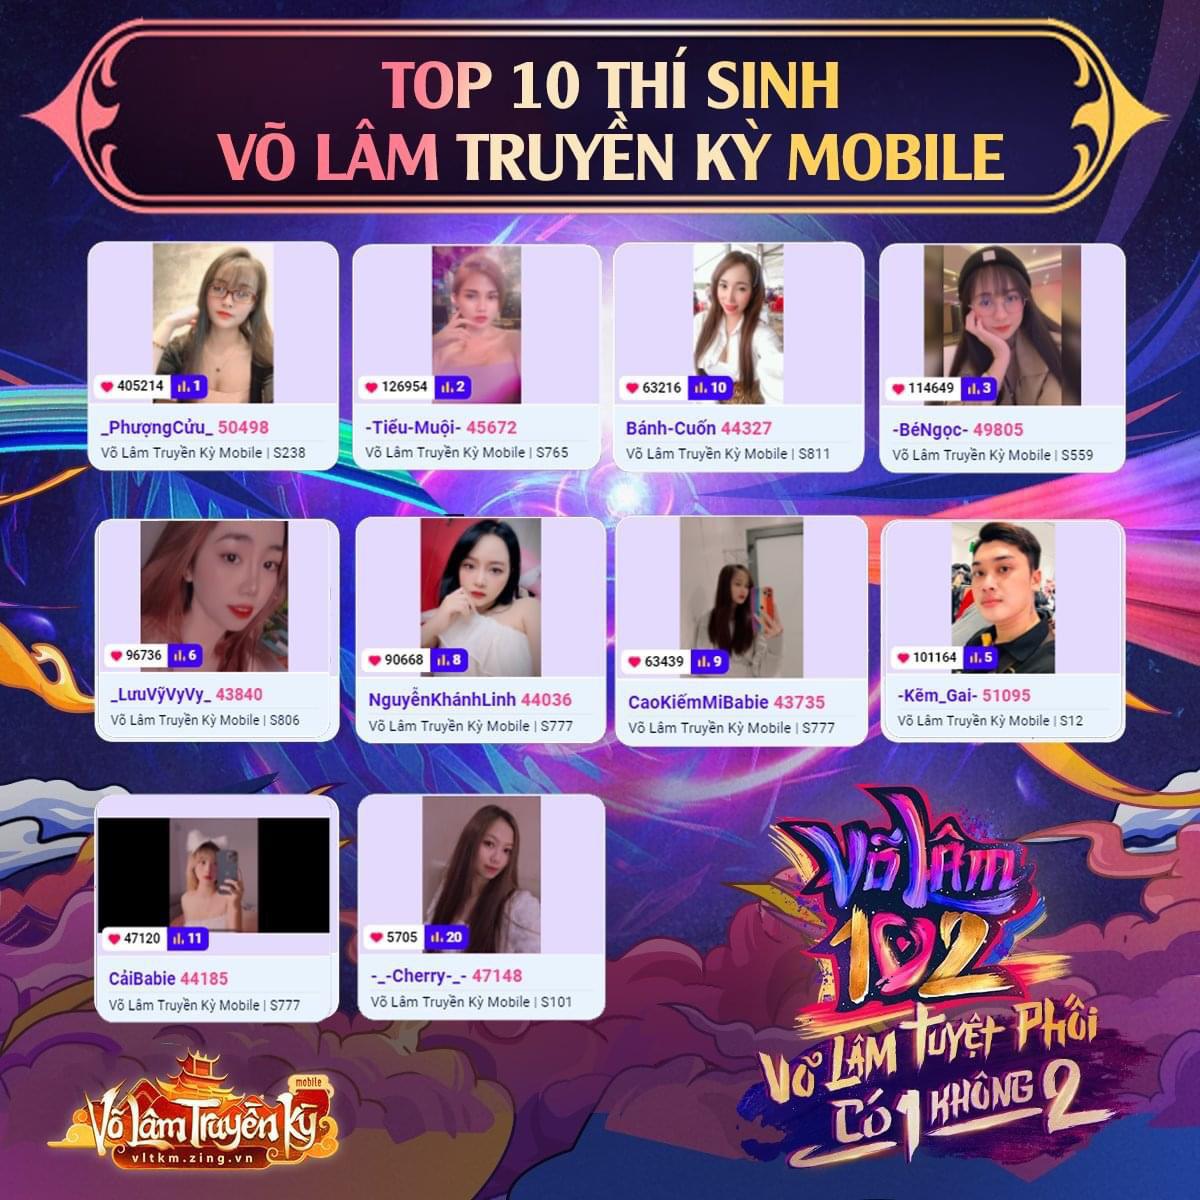 Võ Lâm 102: Ngắm nhan sắc Top 20 thí sinh xuất sắc nhất sàn đấu 38 tỷ của làng game Việt - Ảnh 8.